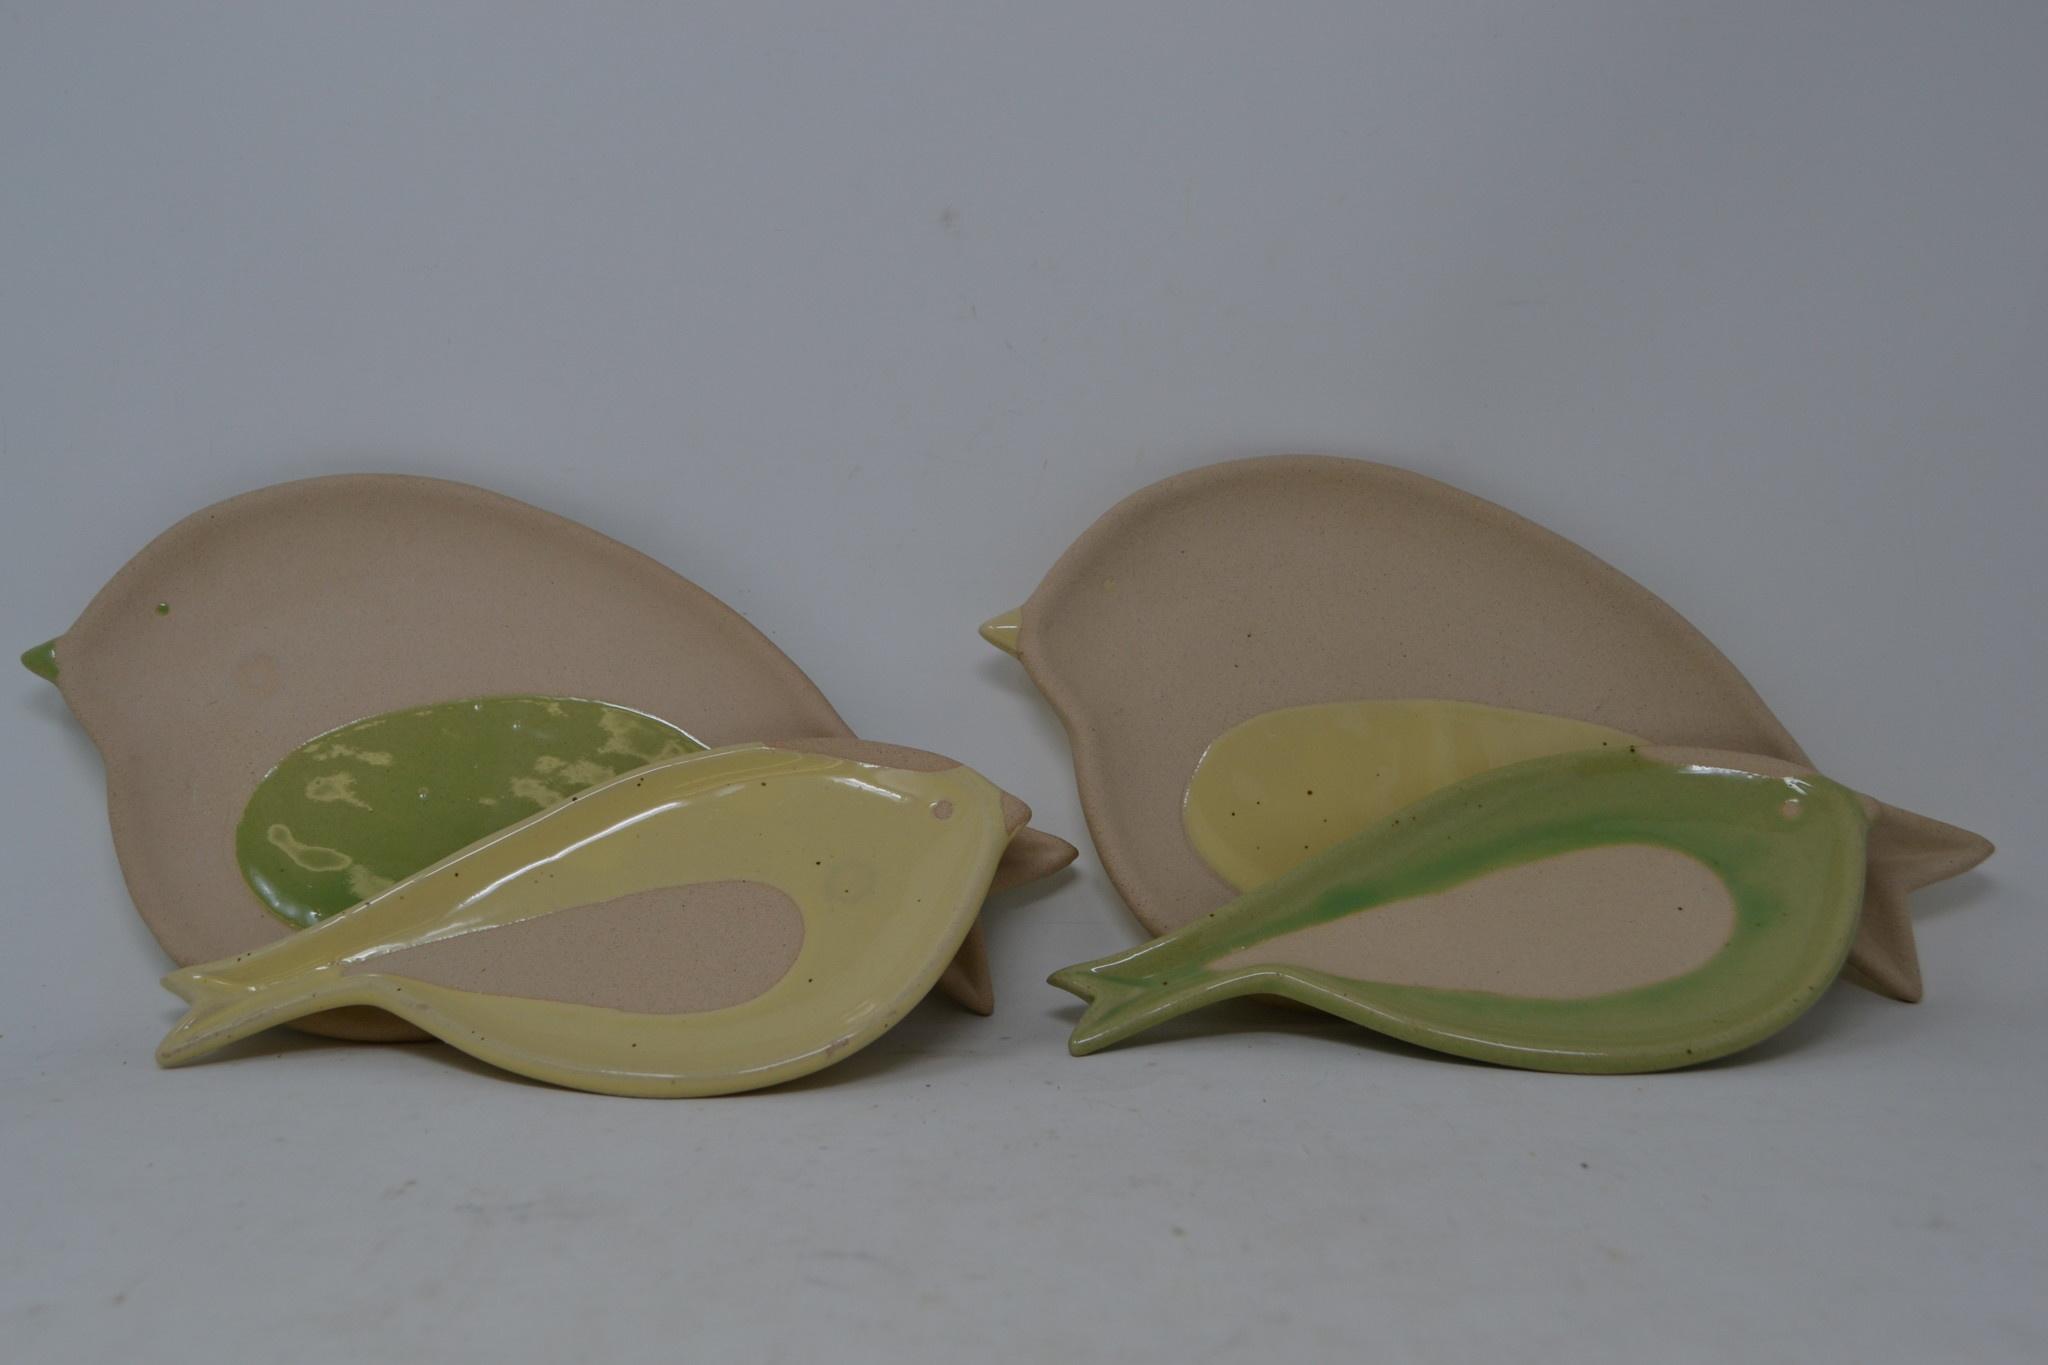 Ceramic Bird Plate (2-Sizes) (2-Colors)